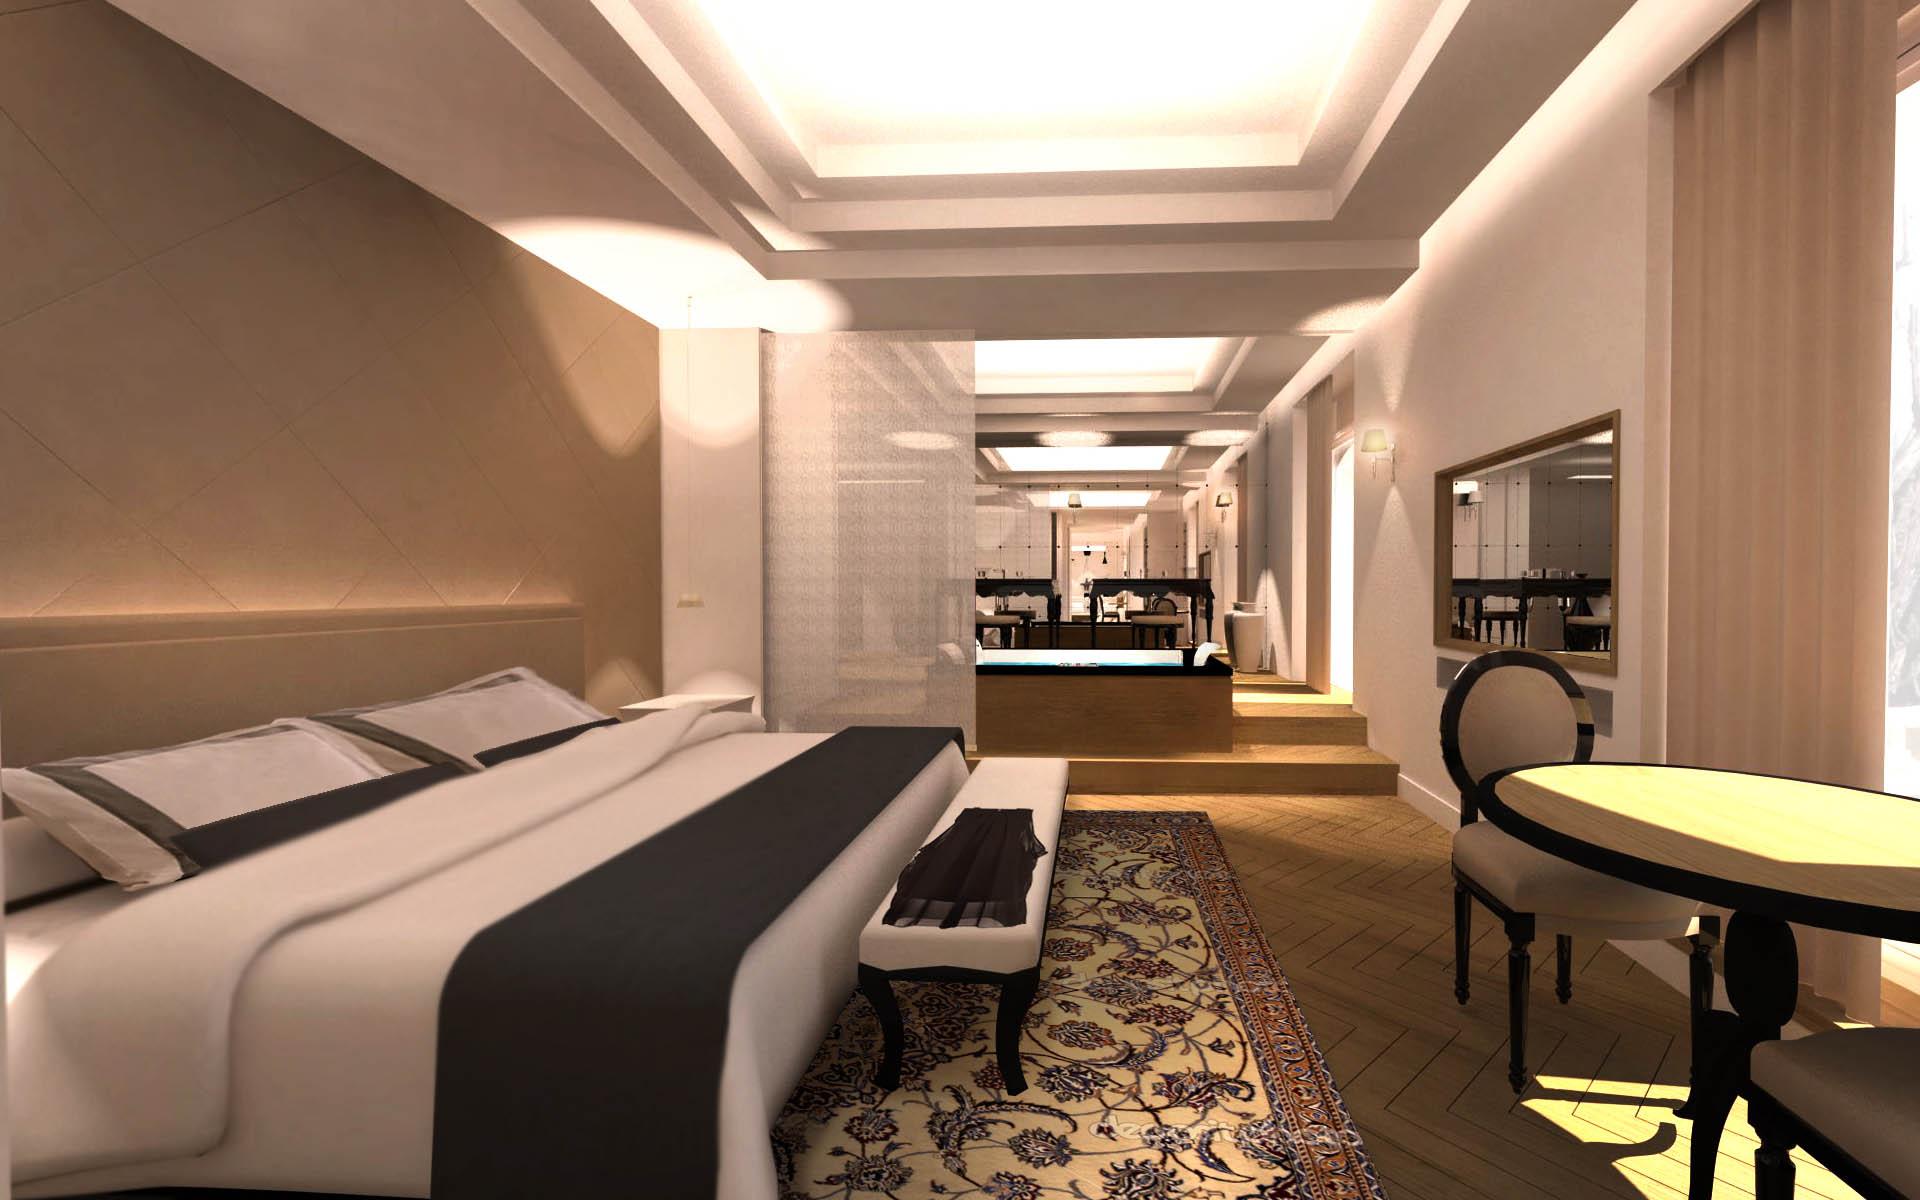 Architecte intérieur Hotel - Aix en provence 21